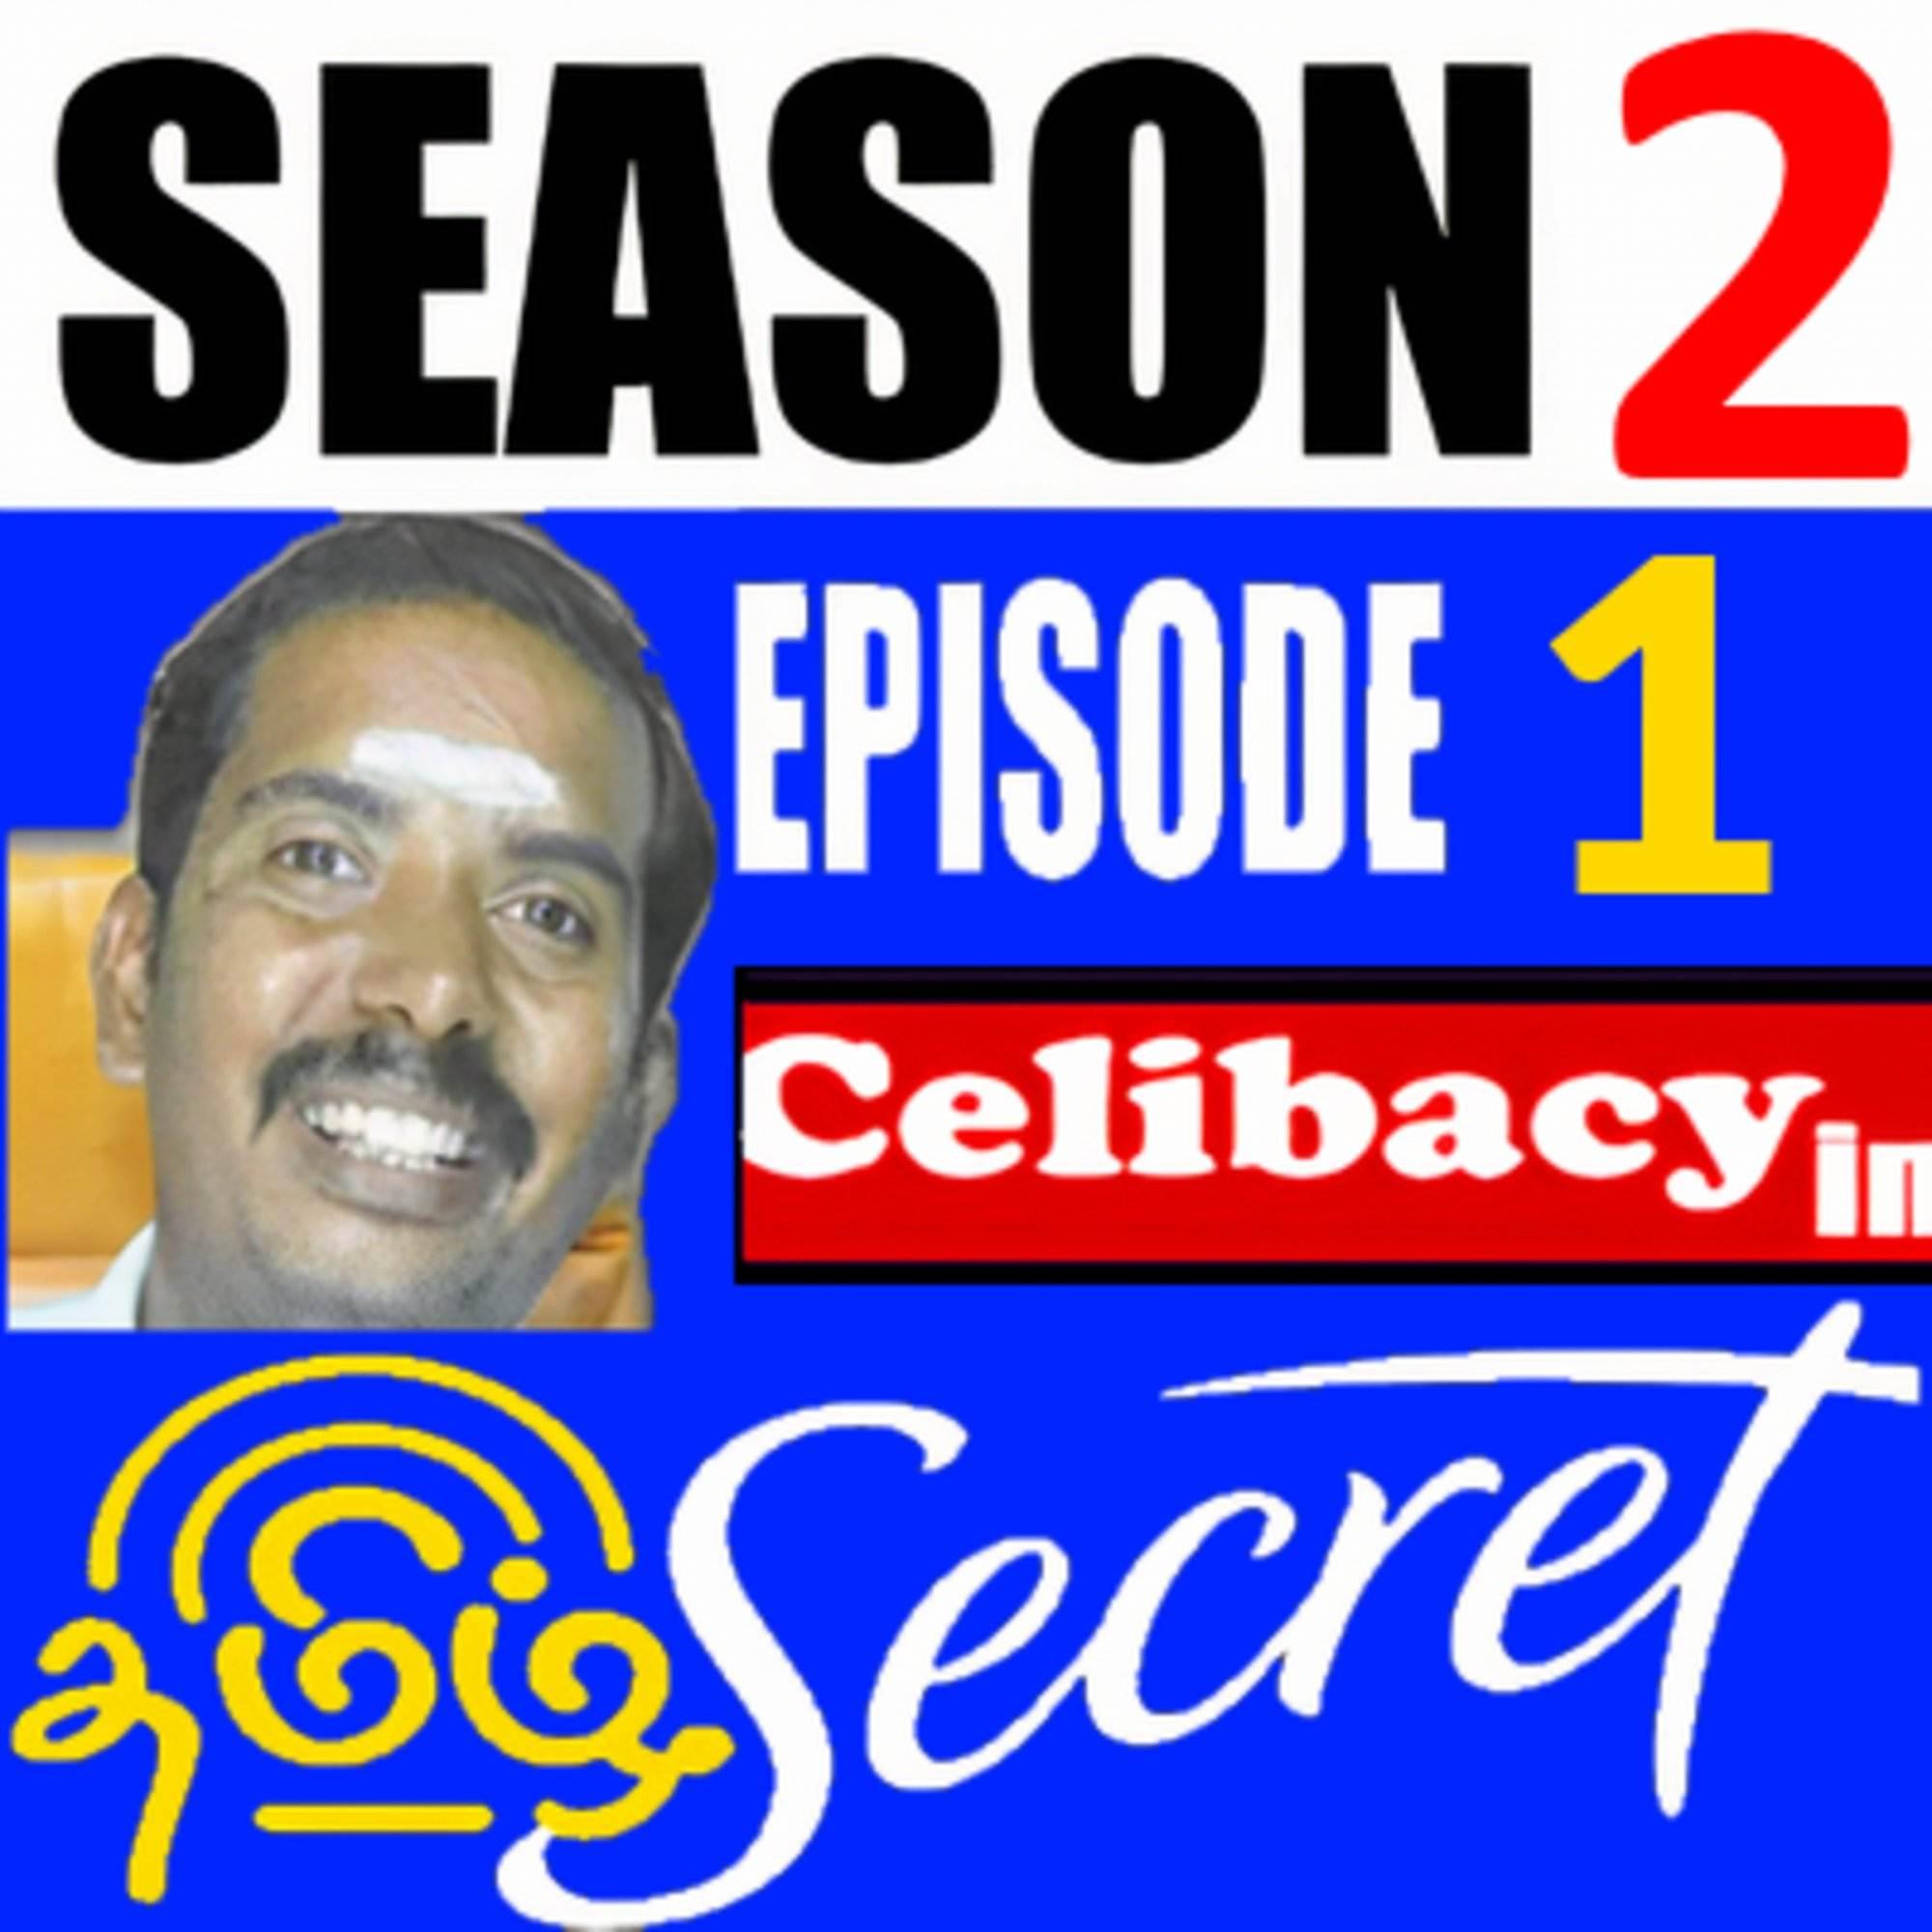 Day 1 of 90 Days Celibacy Nofap Challenge season 2 Yoga